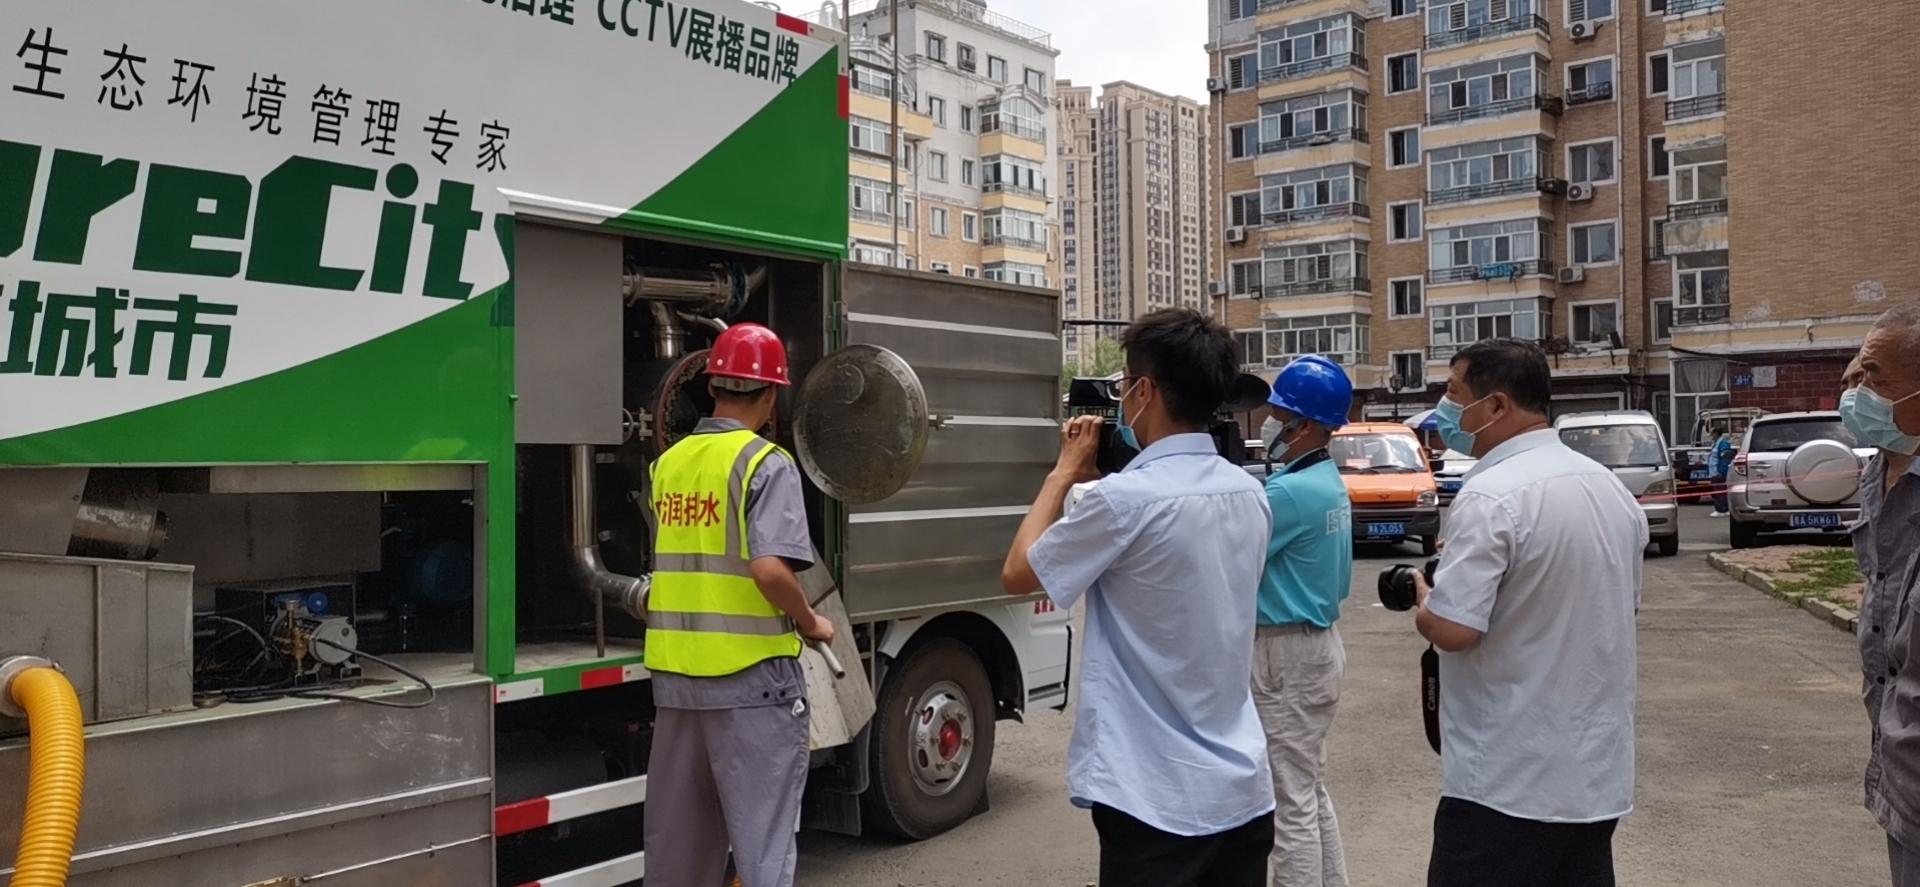 九九八科技國六干濕分離式吸污車